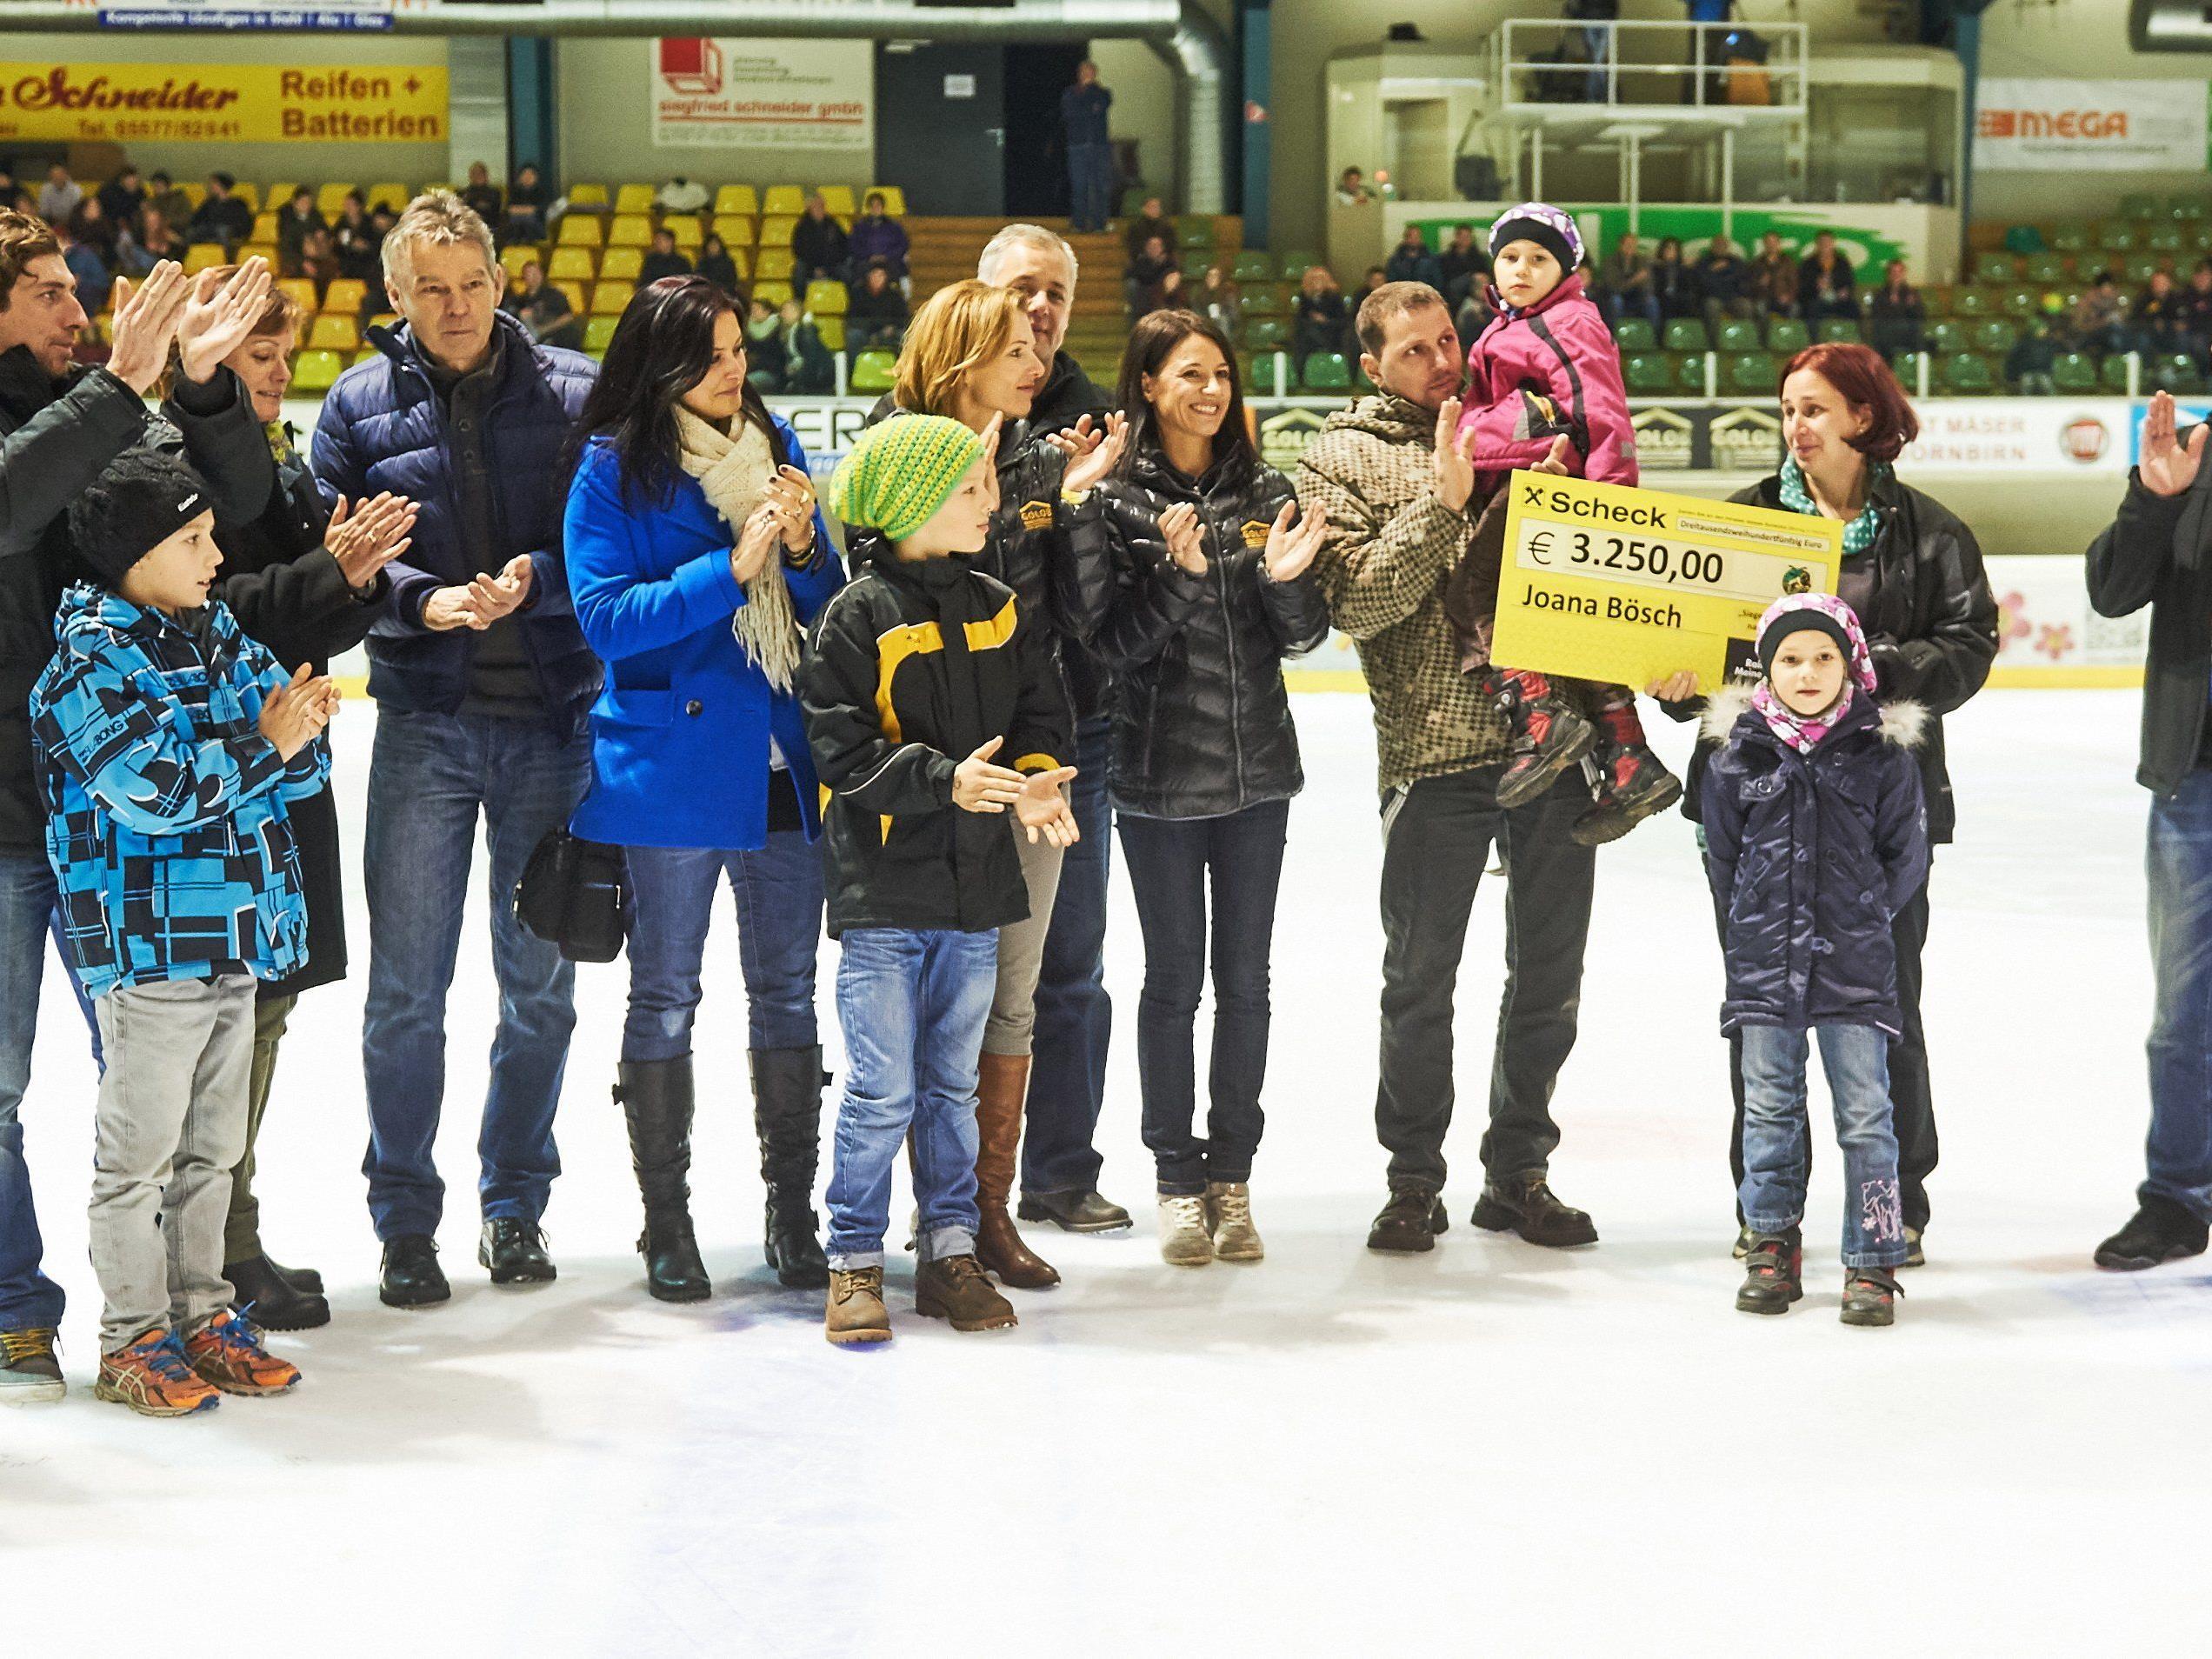 EHC Lustenau übergab einen Scheck über 3250 Euro an die Familie Bösch.